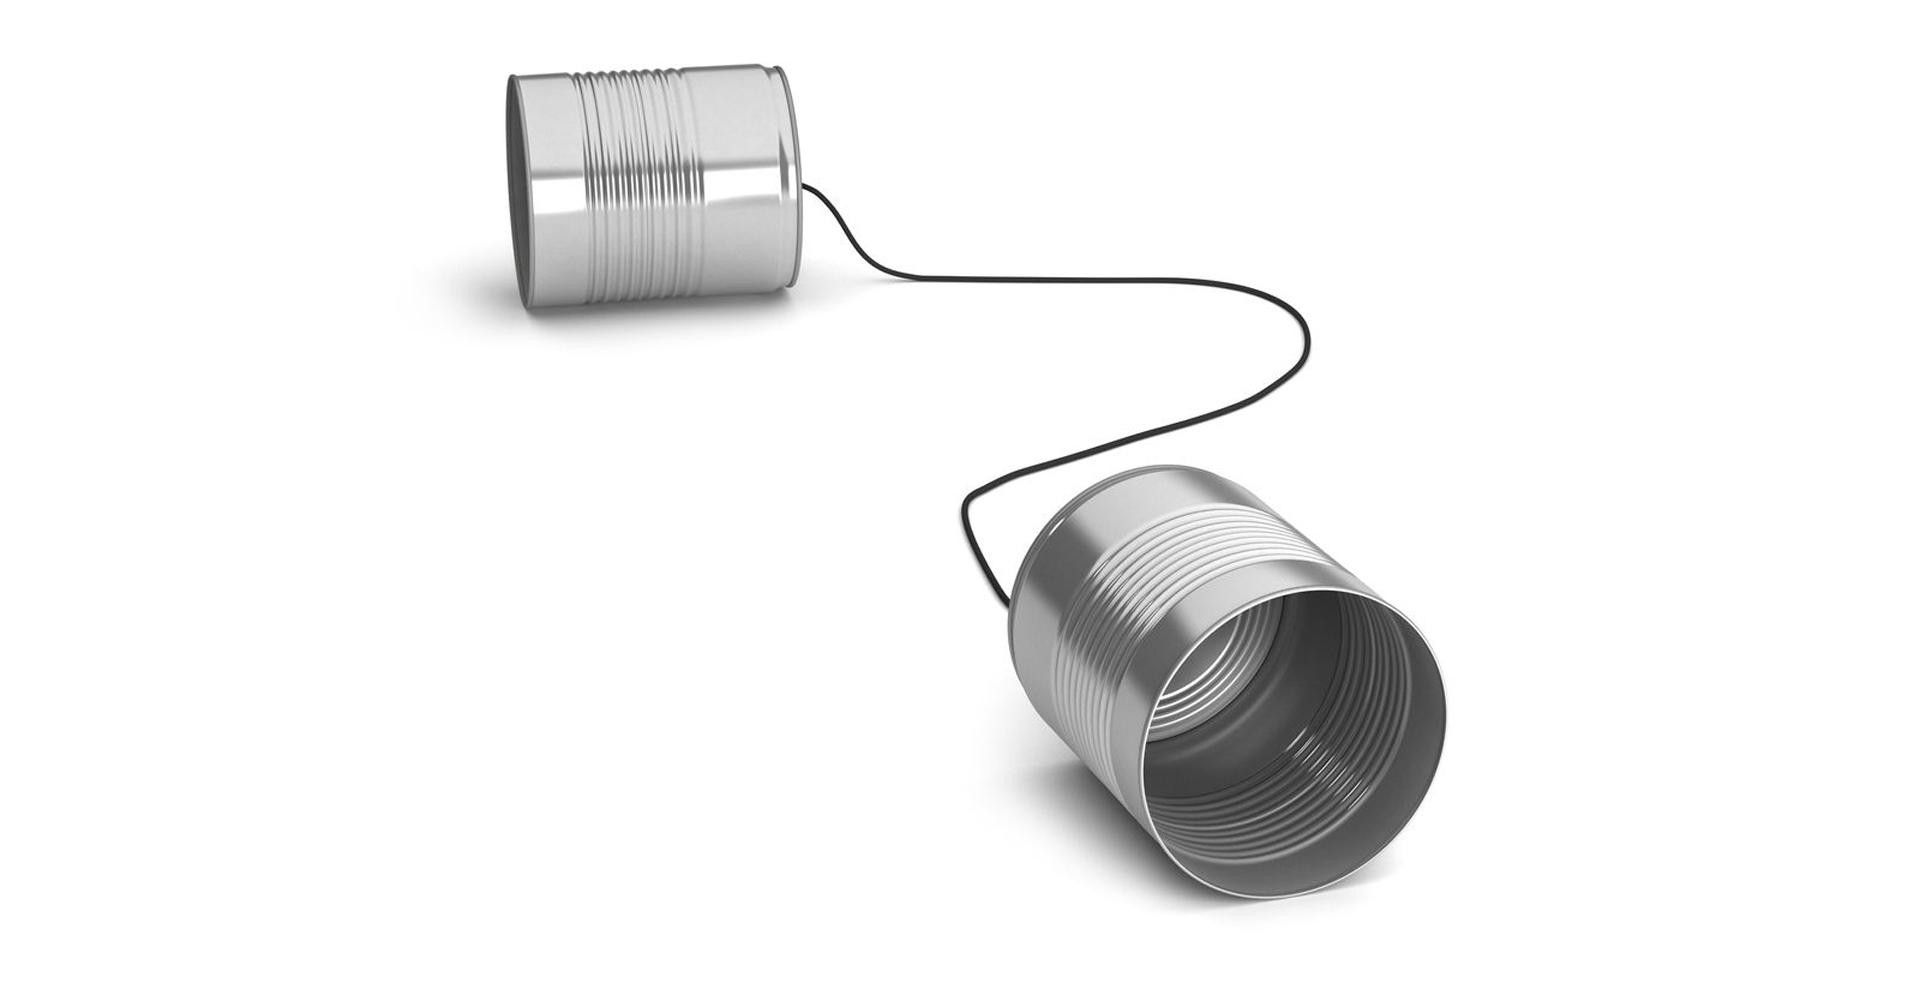 Gemeinsam ermitteln wir Ihren Kommunikationsbedarf...